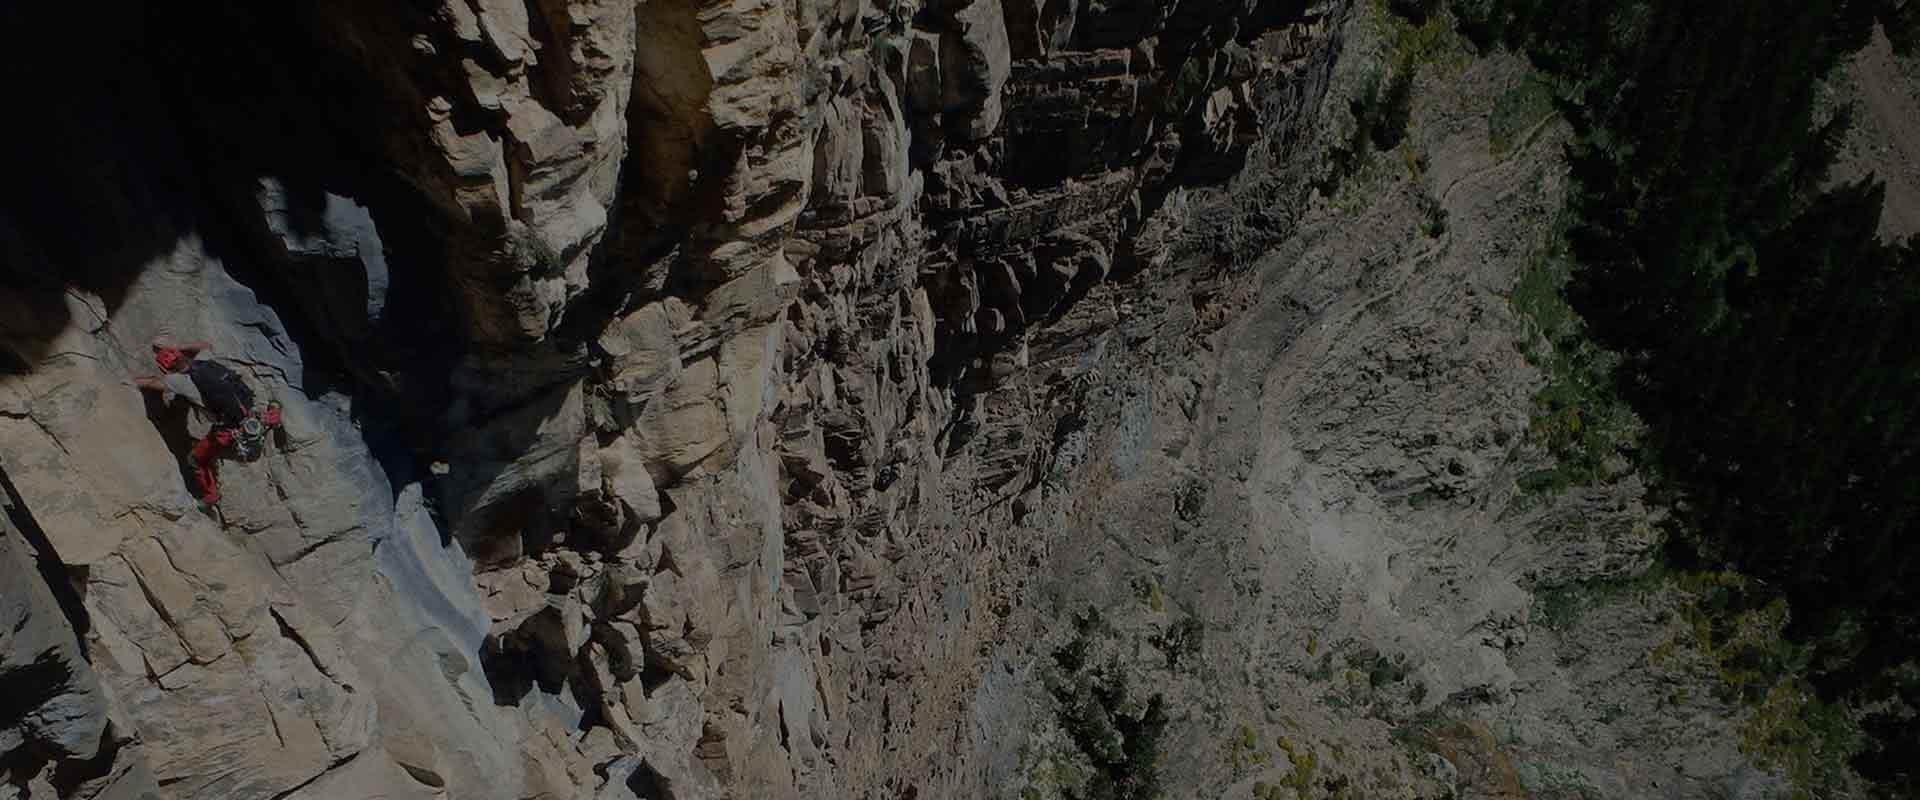 Guiaje de escalada en pirineos